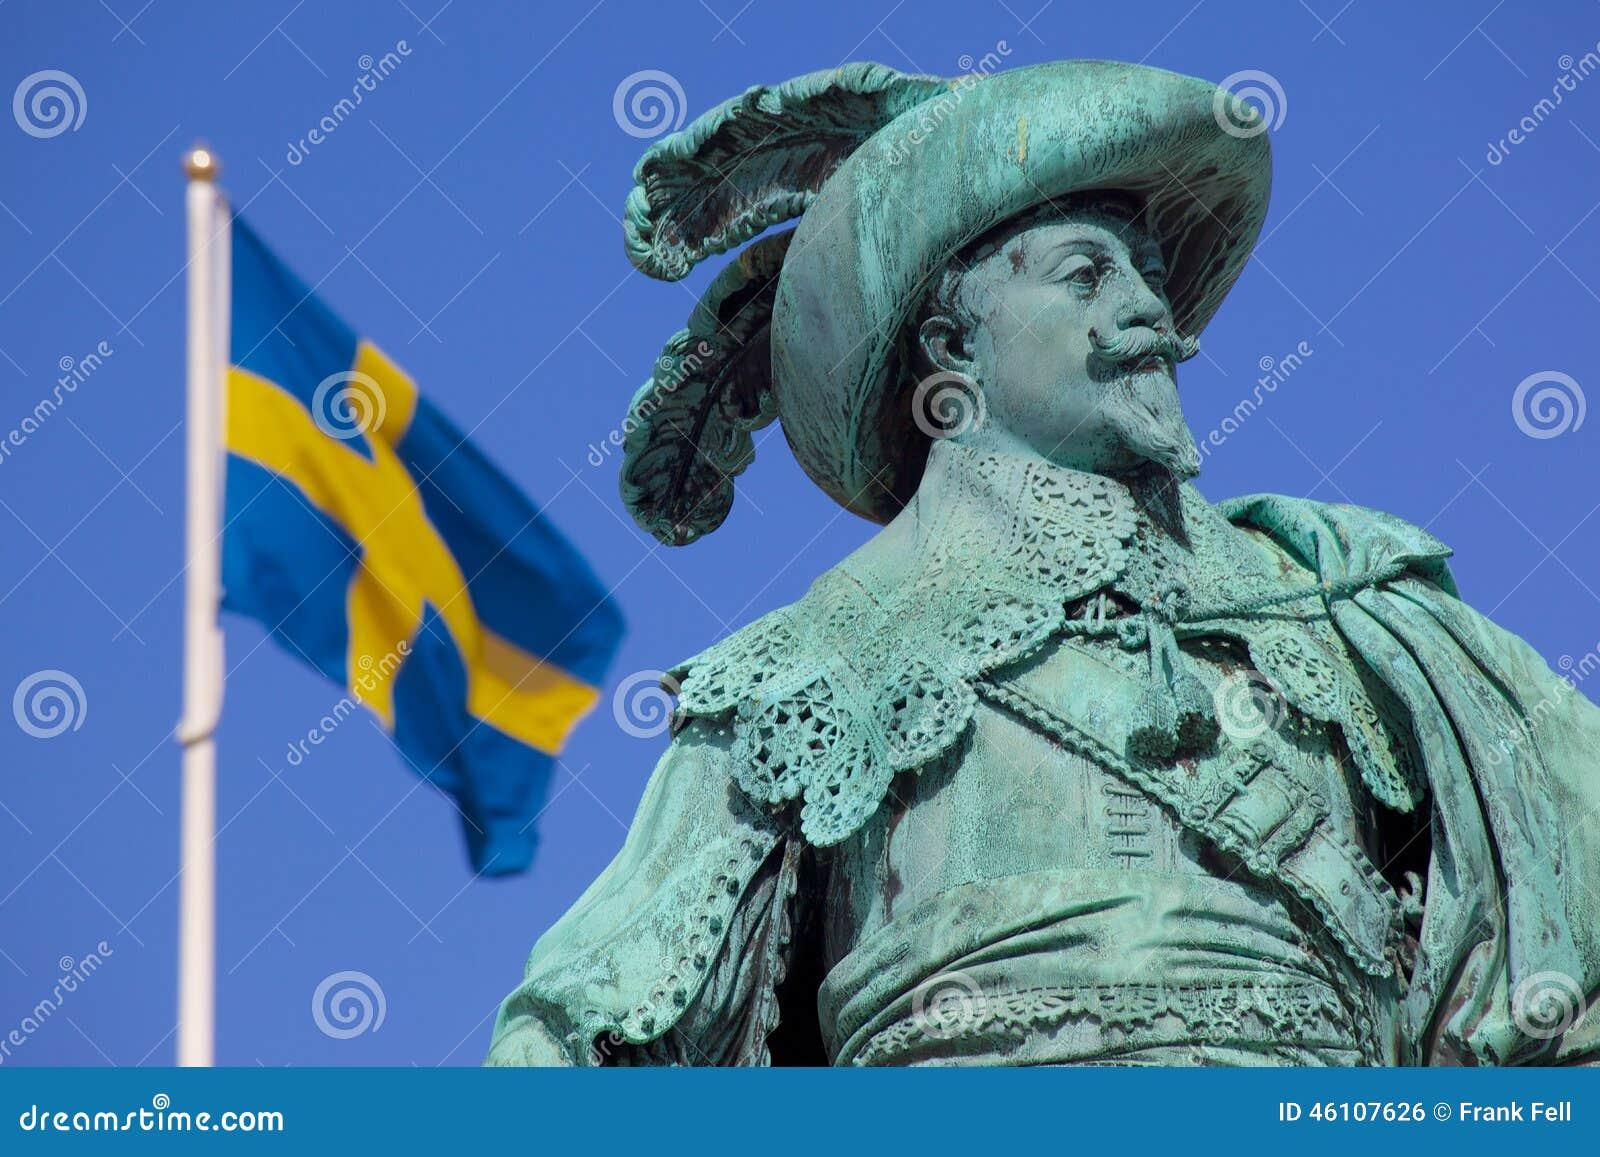 Europa, Escandinavia, Suecia, Goteburgo, Gustav Adolfs Torg, estatua de bronce del fundador Gustav Adolf de la ciudad en la oscur